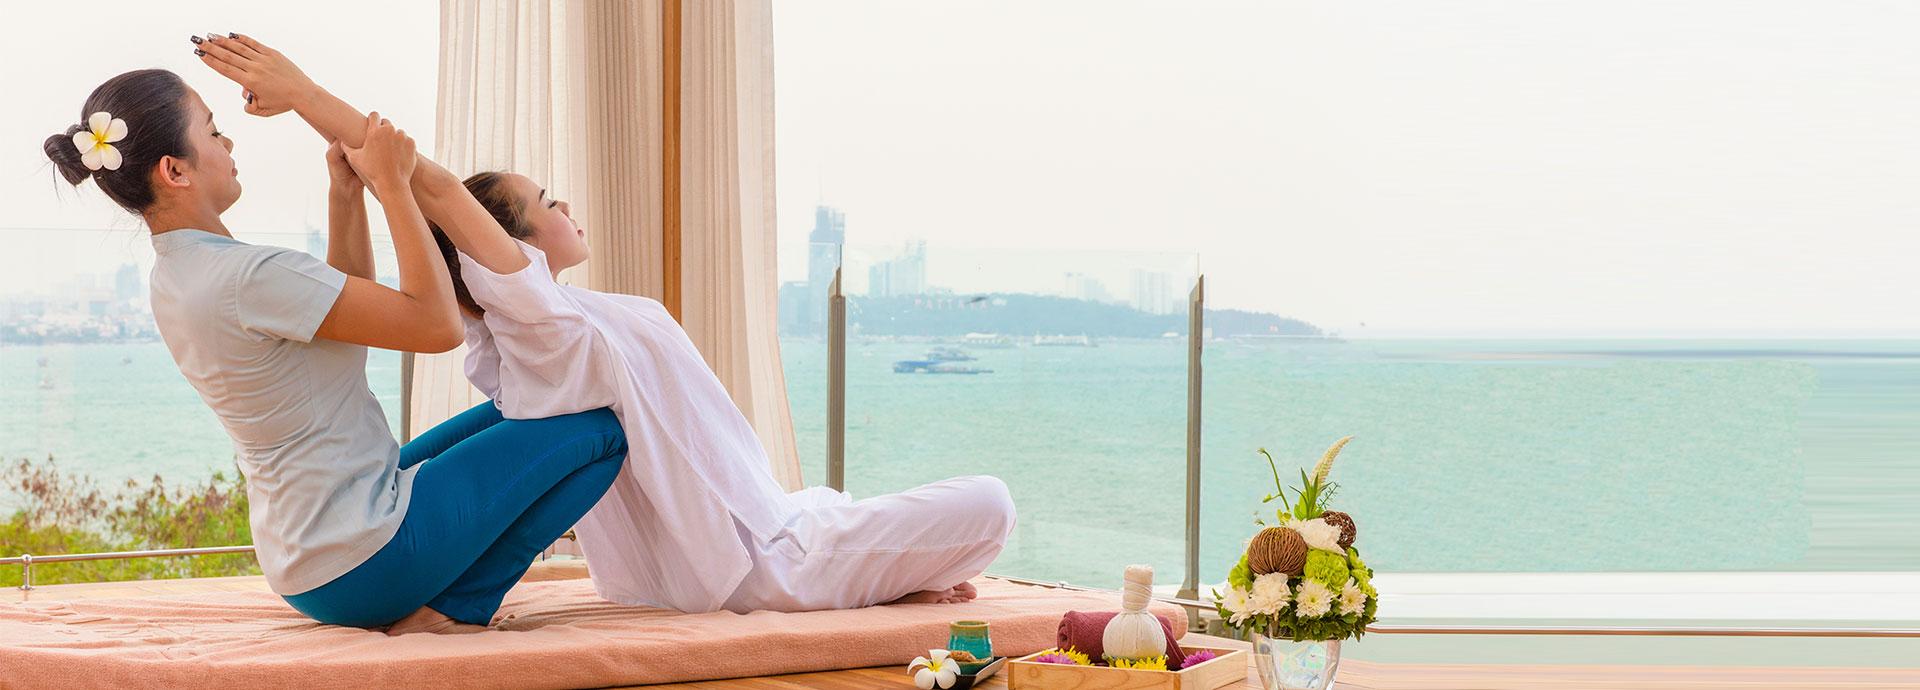 Thai Wellness & SPA